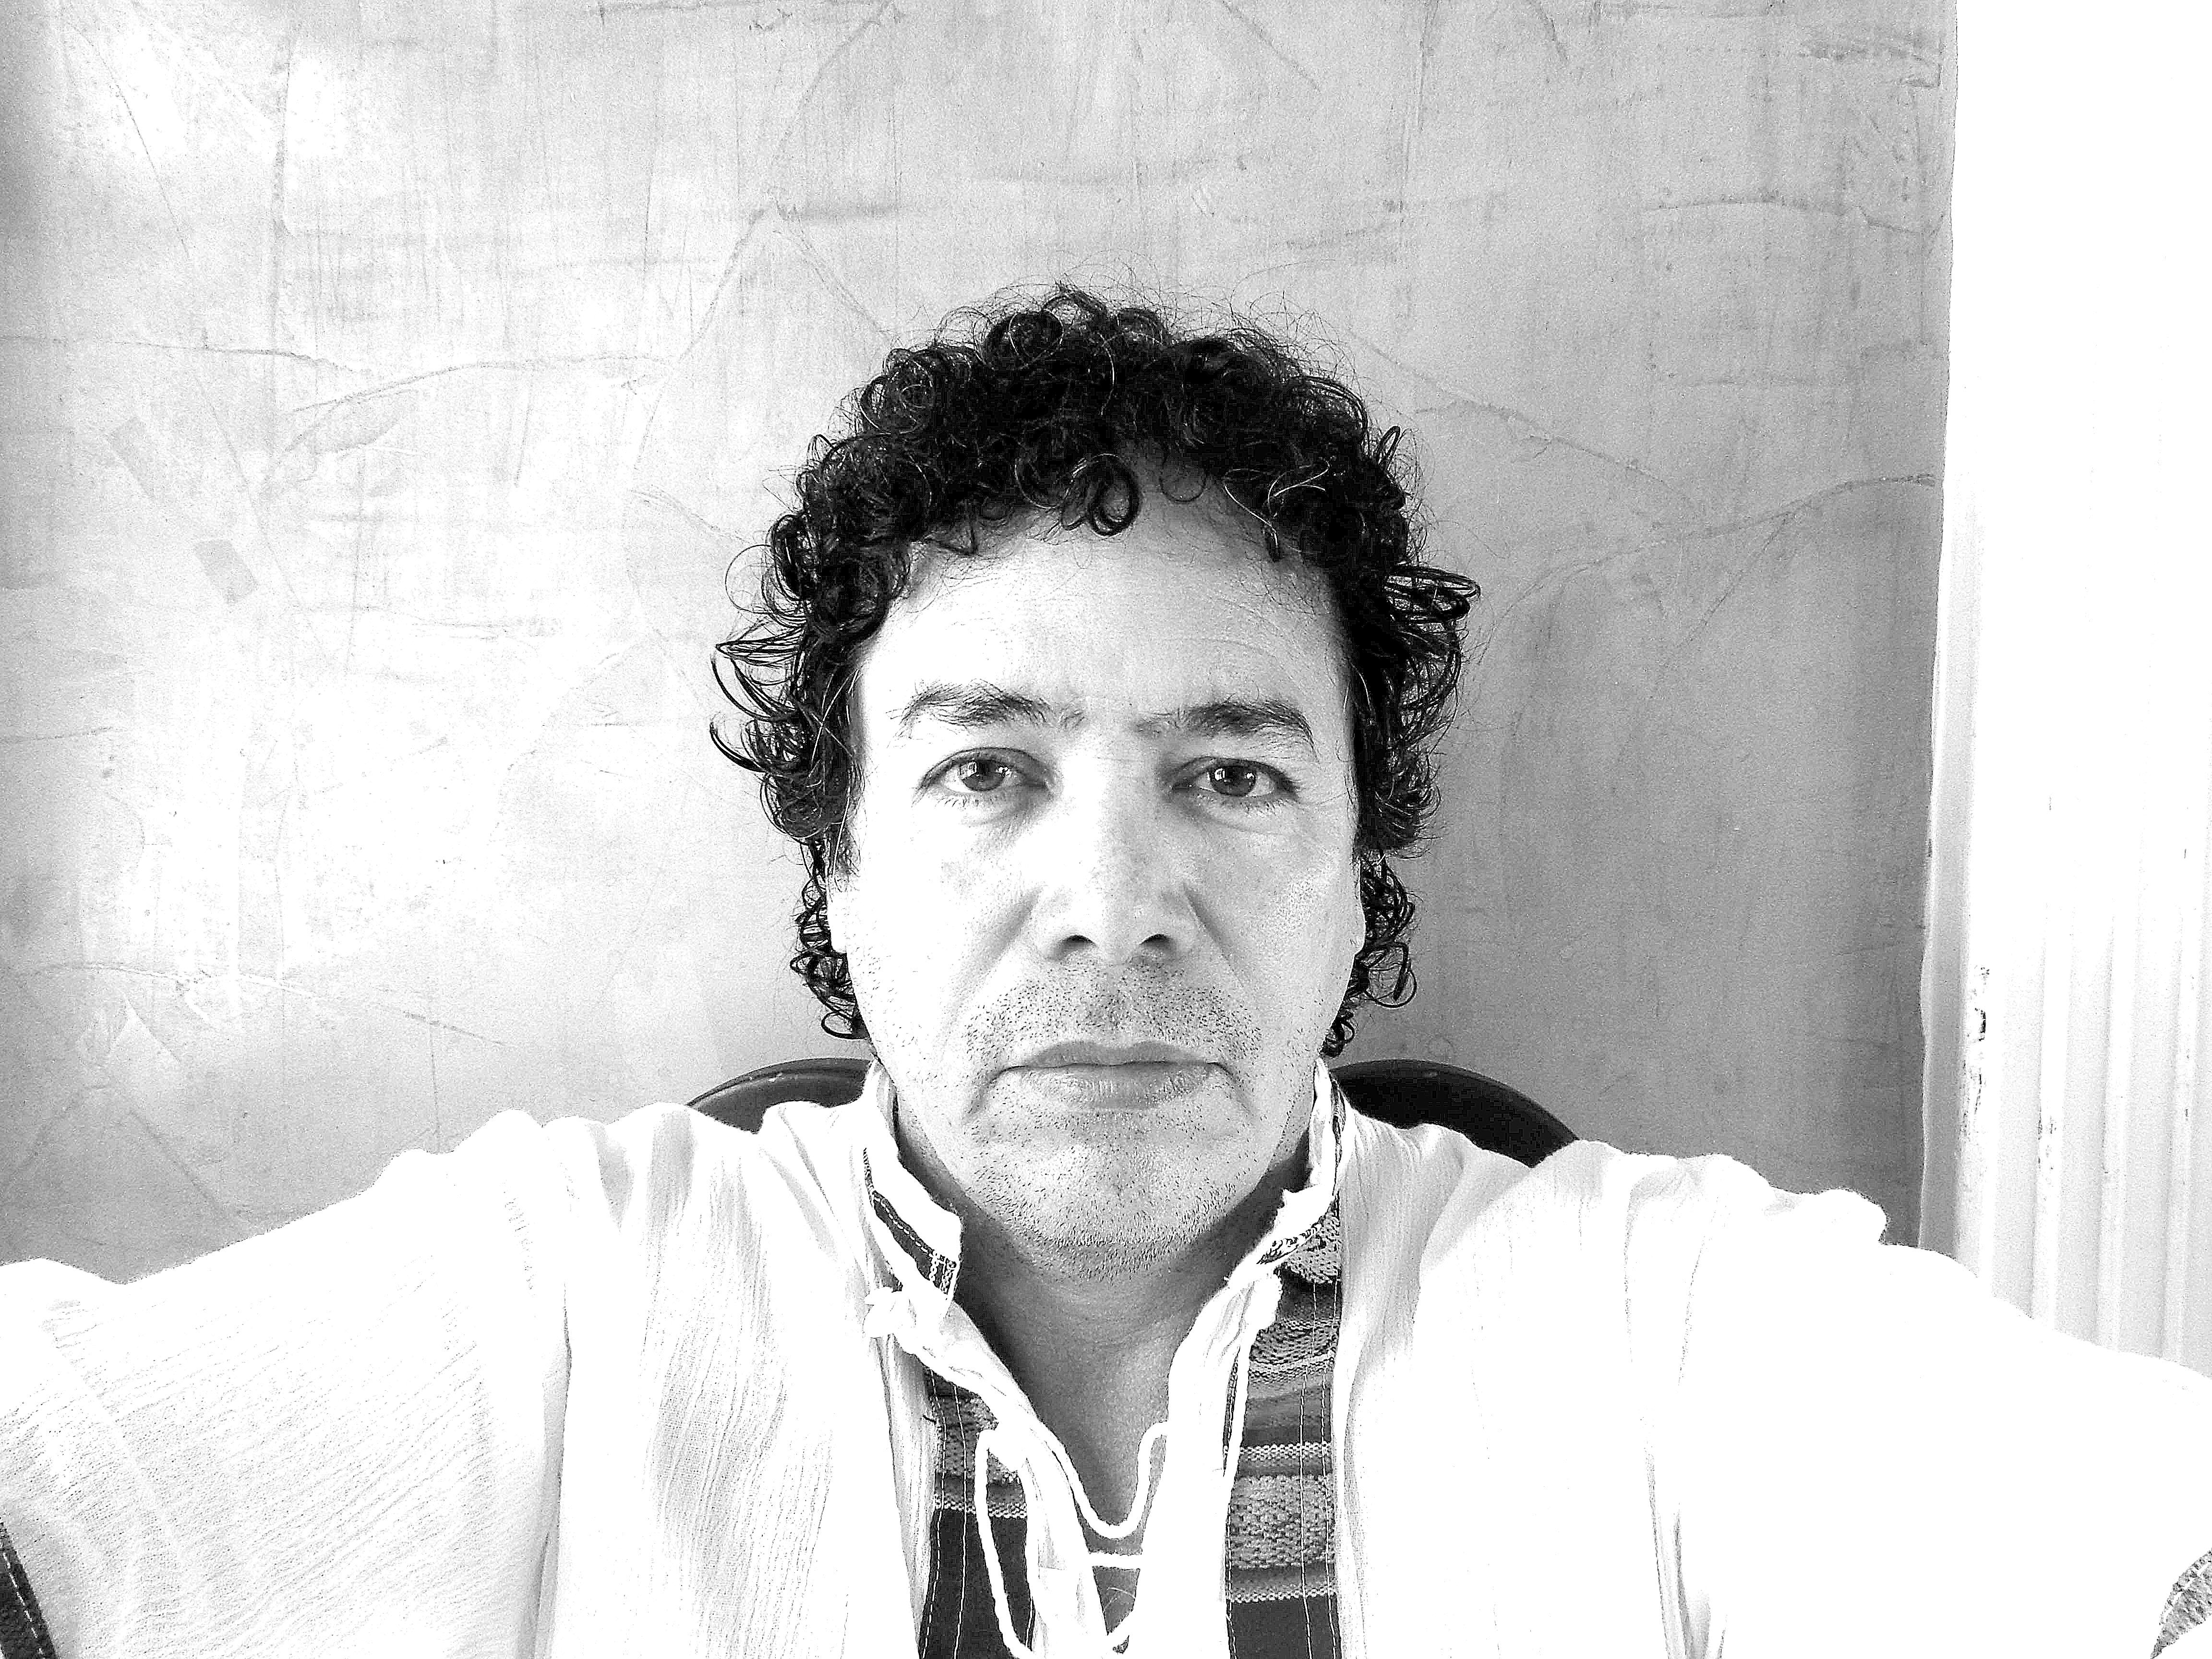 Premio Nacional de Literatura 2018 Por: Braulio Mantilla | EL FRENTE